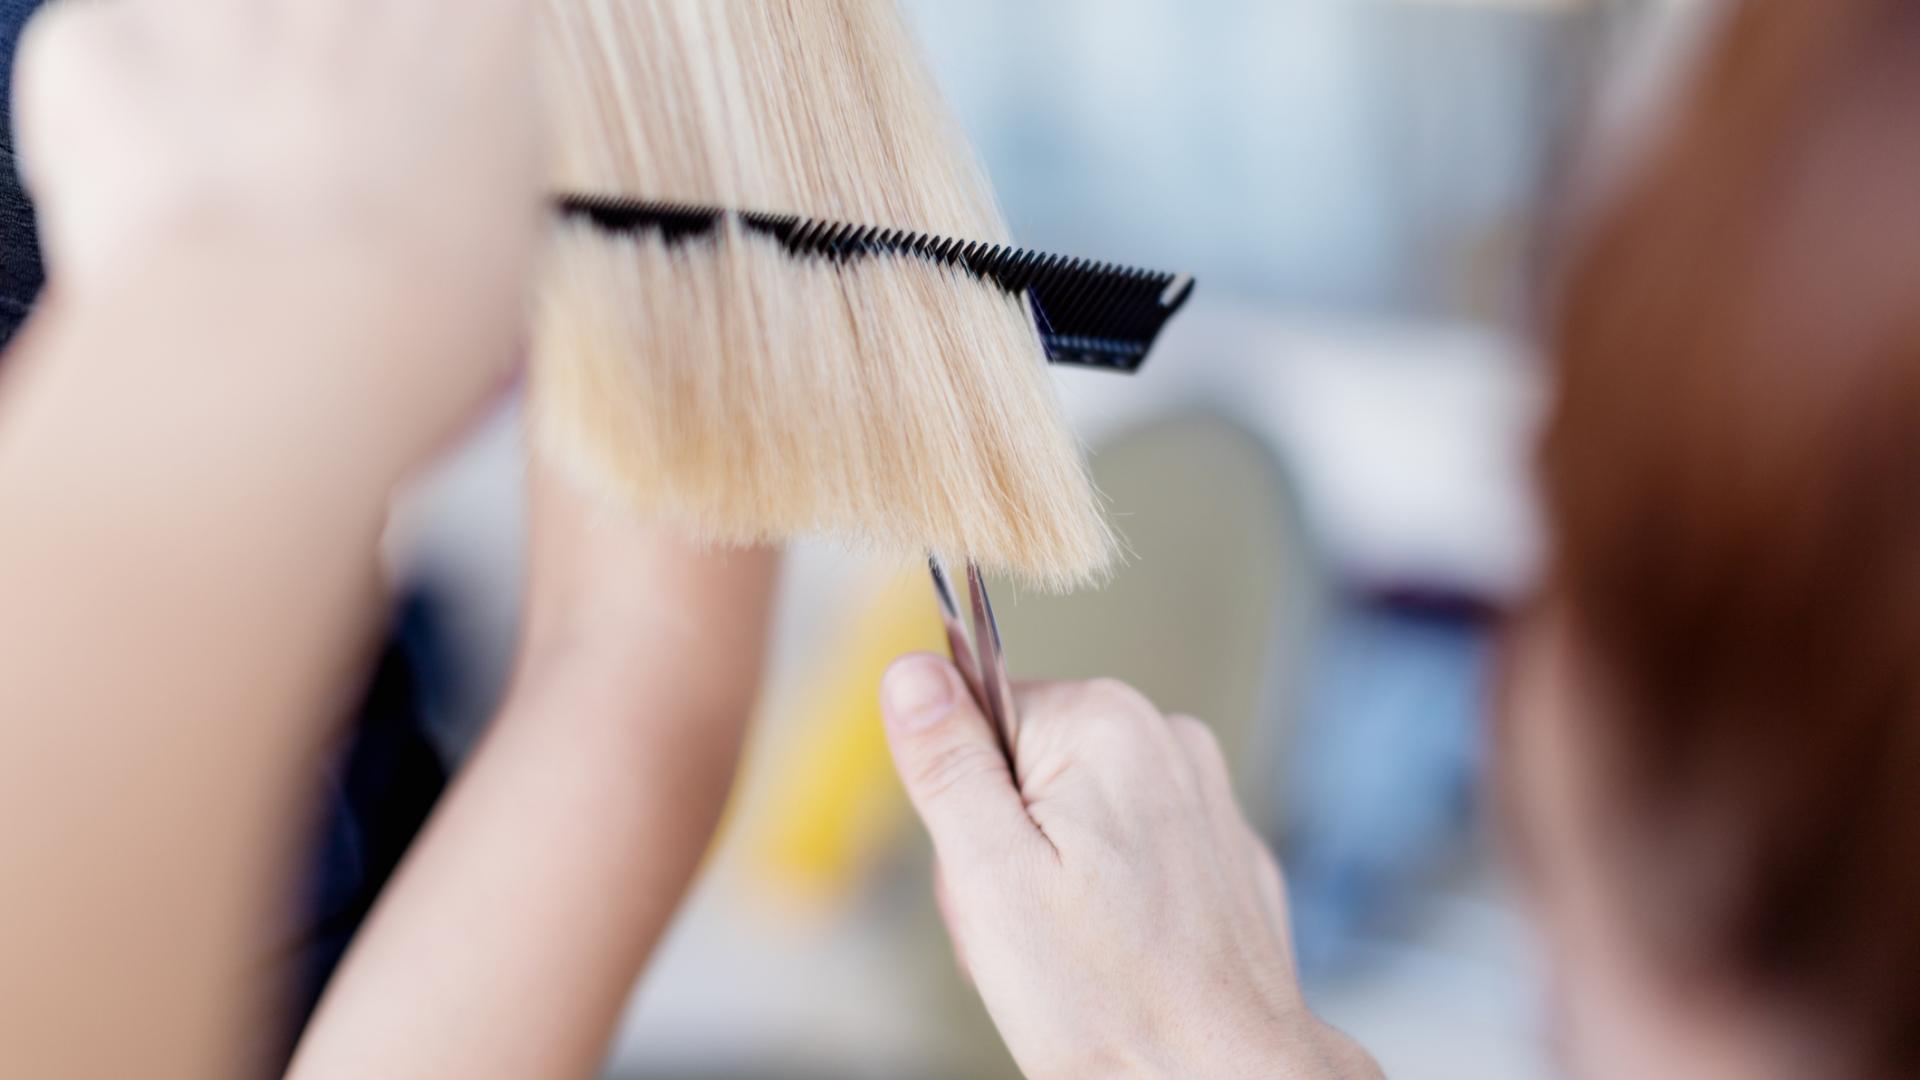 Firseur Haare schneiden Point Cut